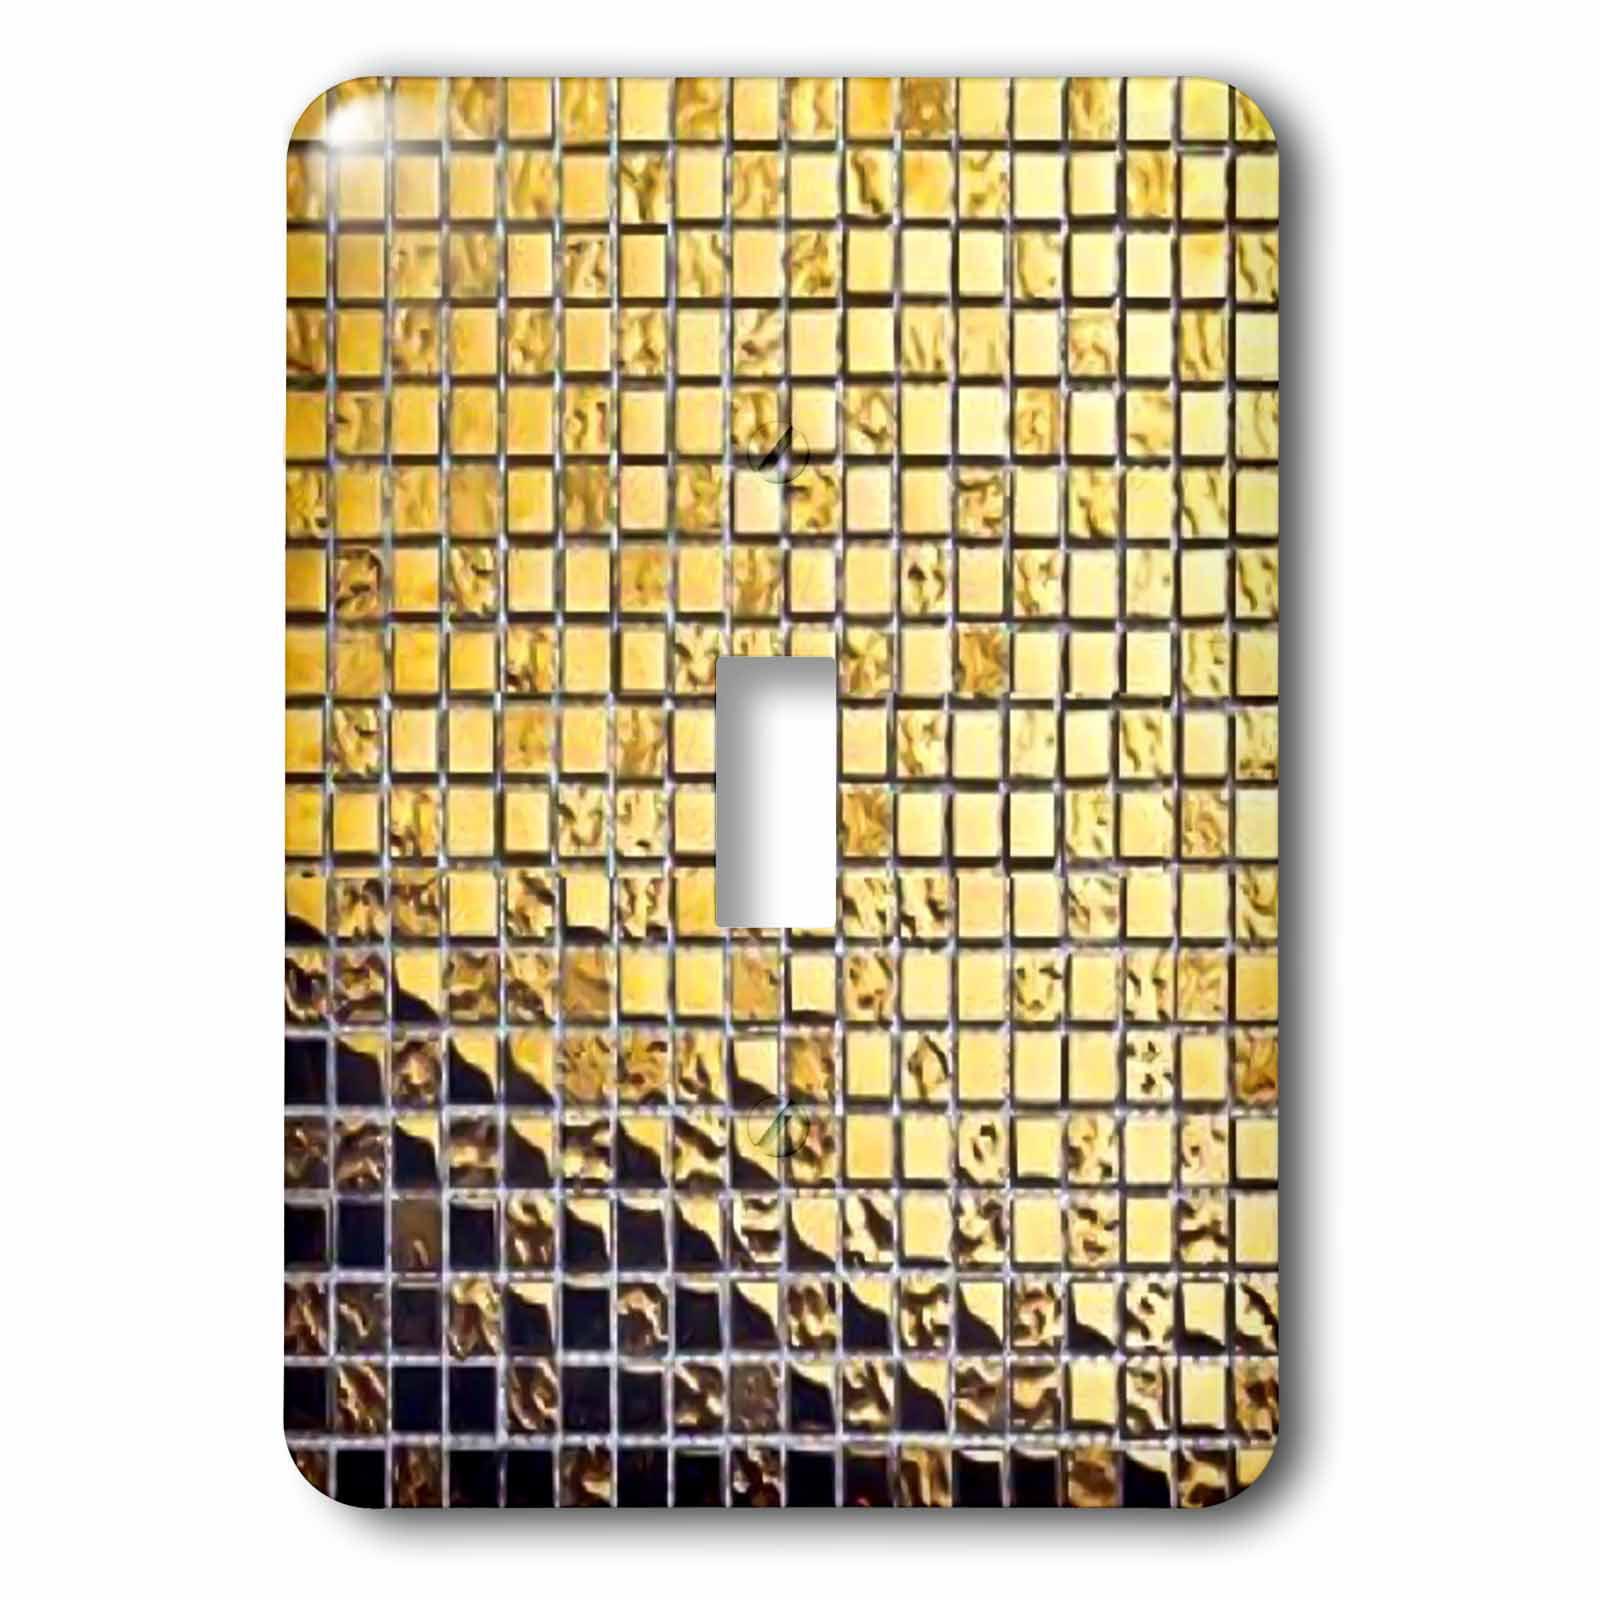 3dRose Metallic Gold Tile Print II, Single Toggle Switch